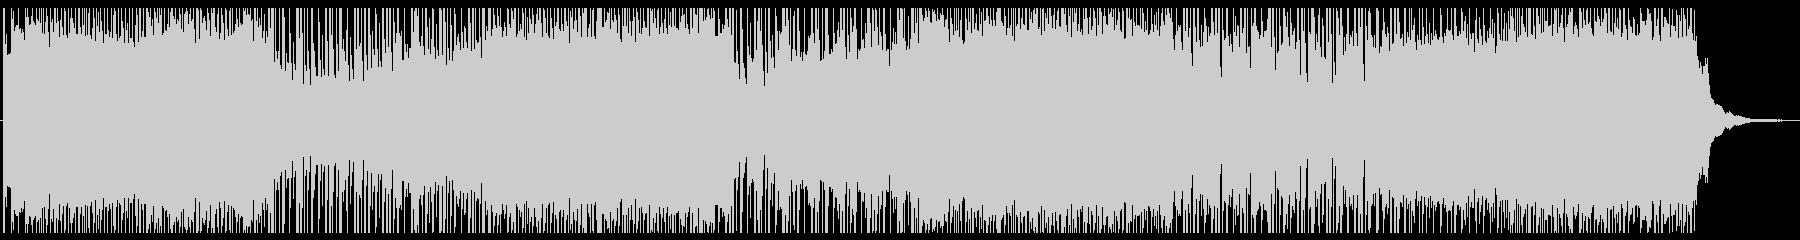 勢いのあるパンク系ロックBGMの未再生の波形